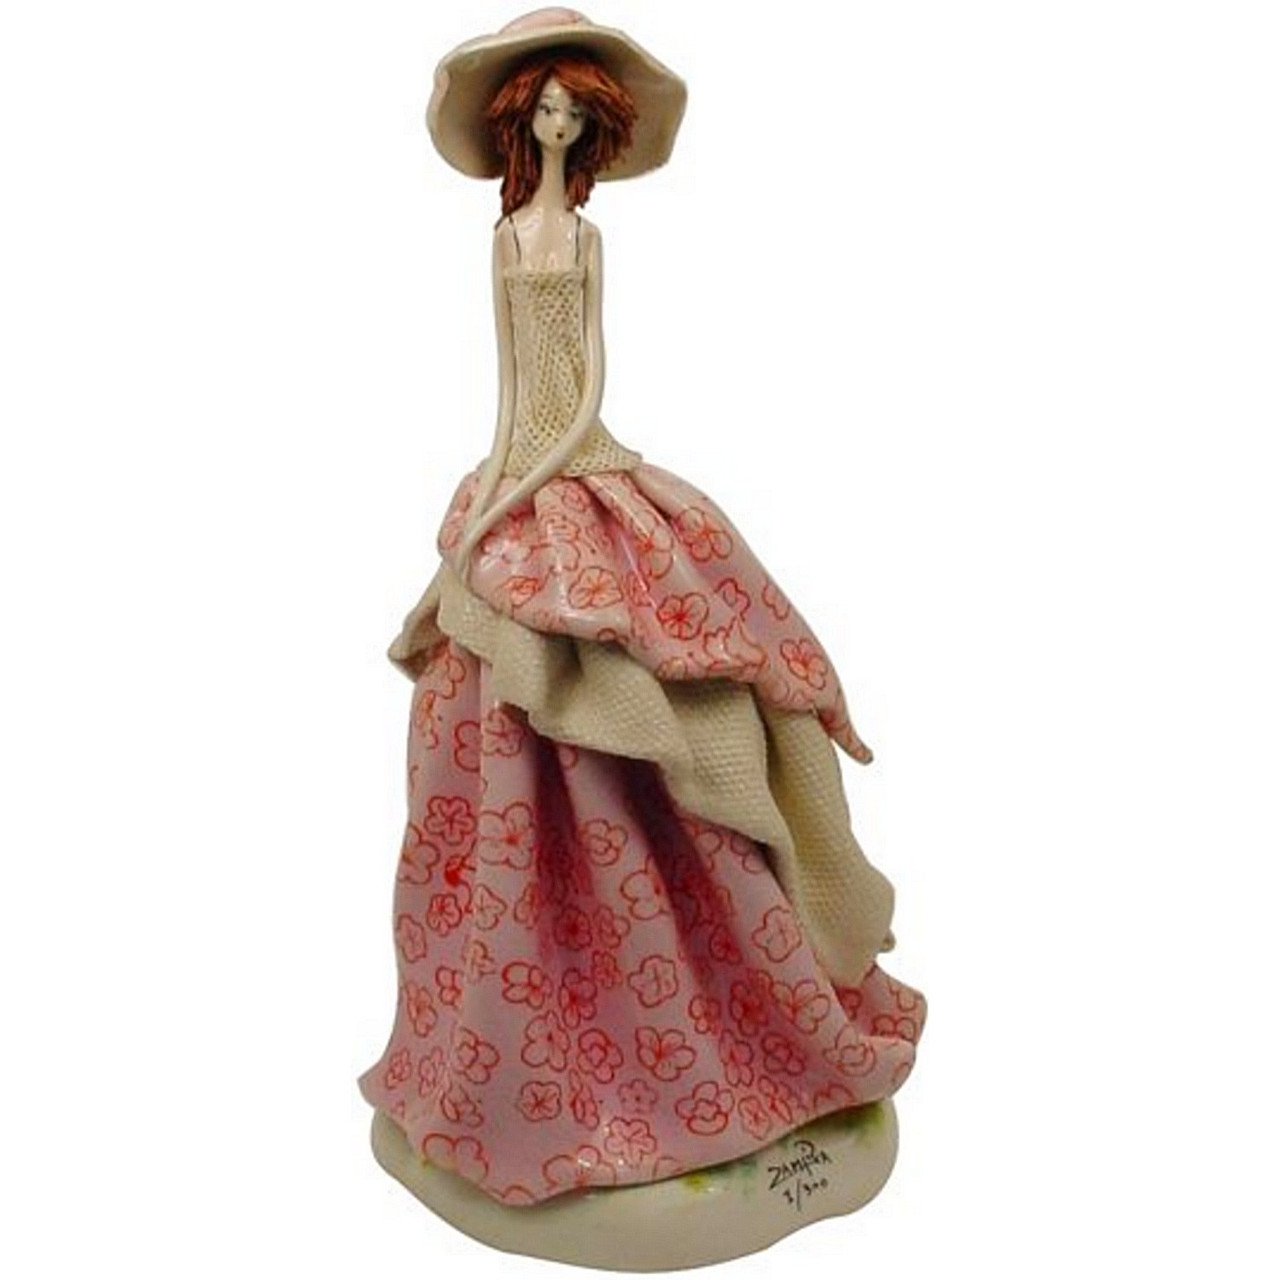 Статуэтка из керамики Леди. Ручная работа, Италия